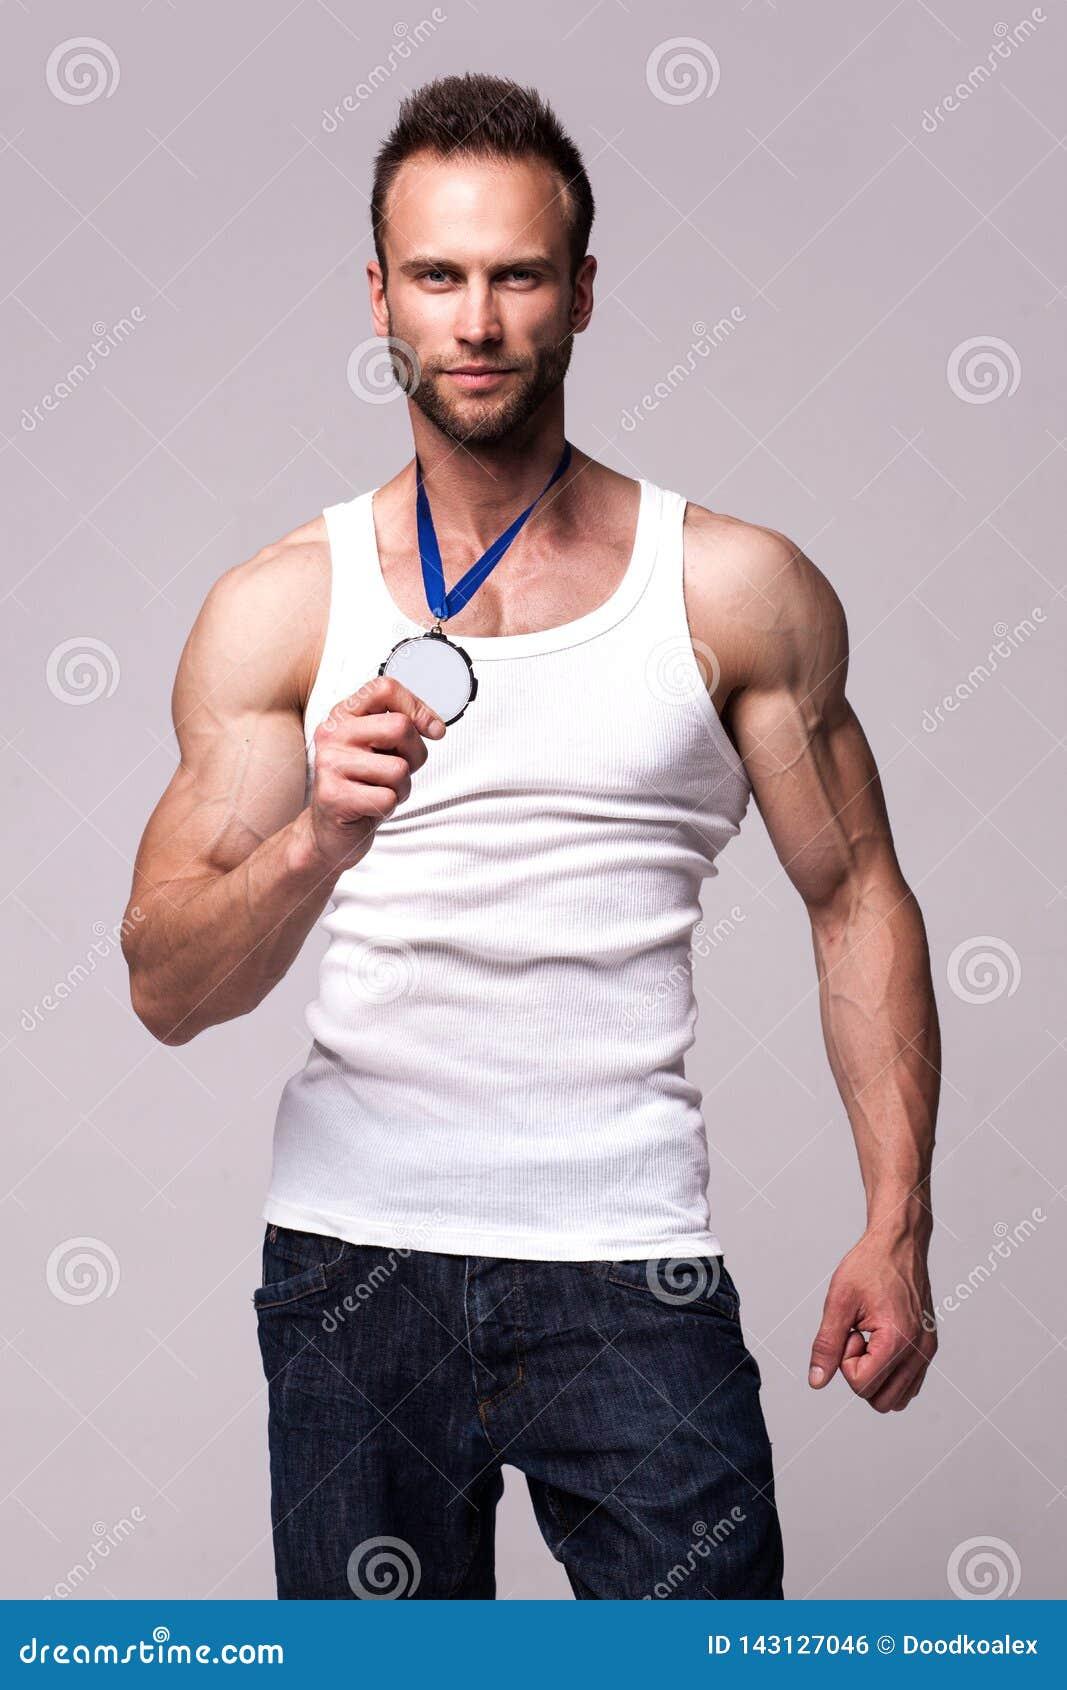 Porträt des athletischen Mannes im weißen Unterhemd mit Meistermedaille